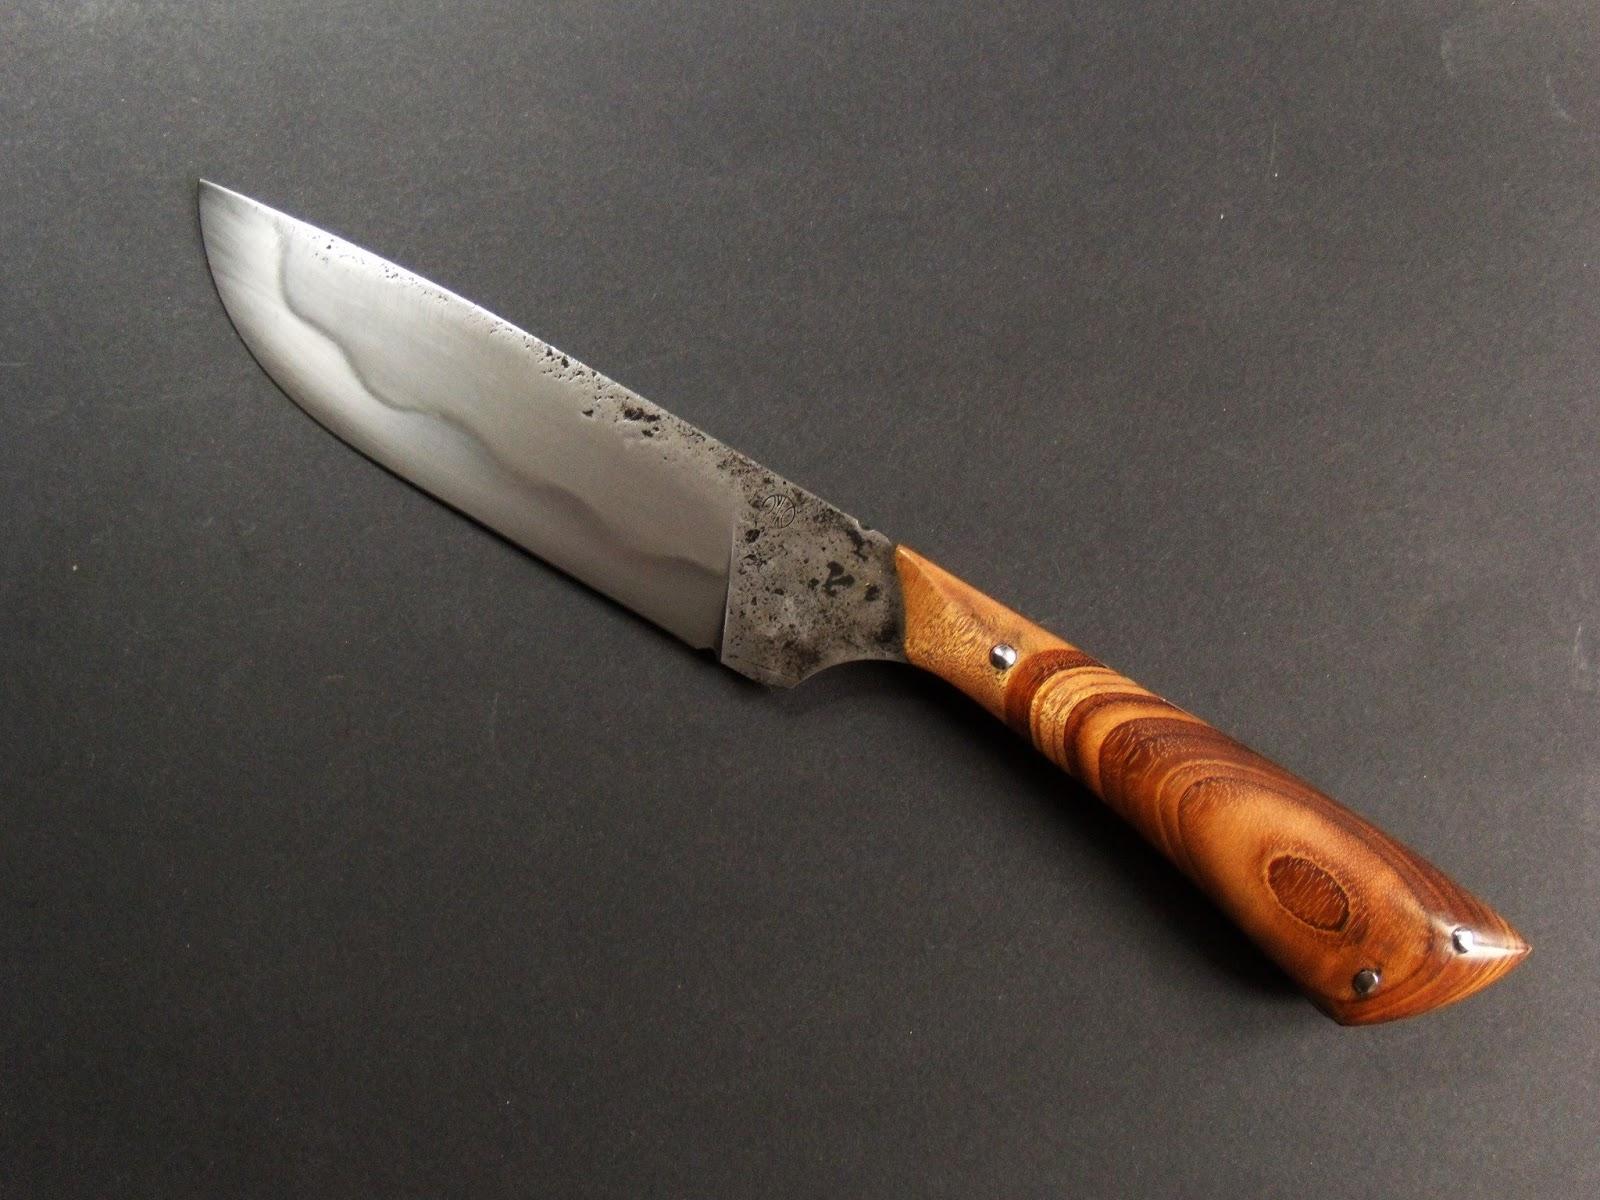 Couteau fixe le petit chasseur couteaux de la lame au pommeau - Le petit couteau santoku ...